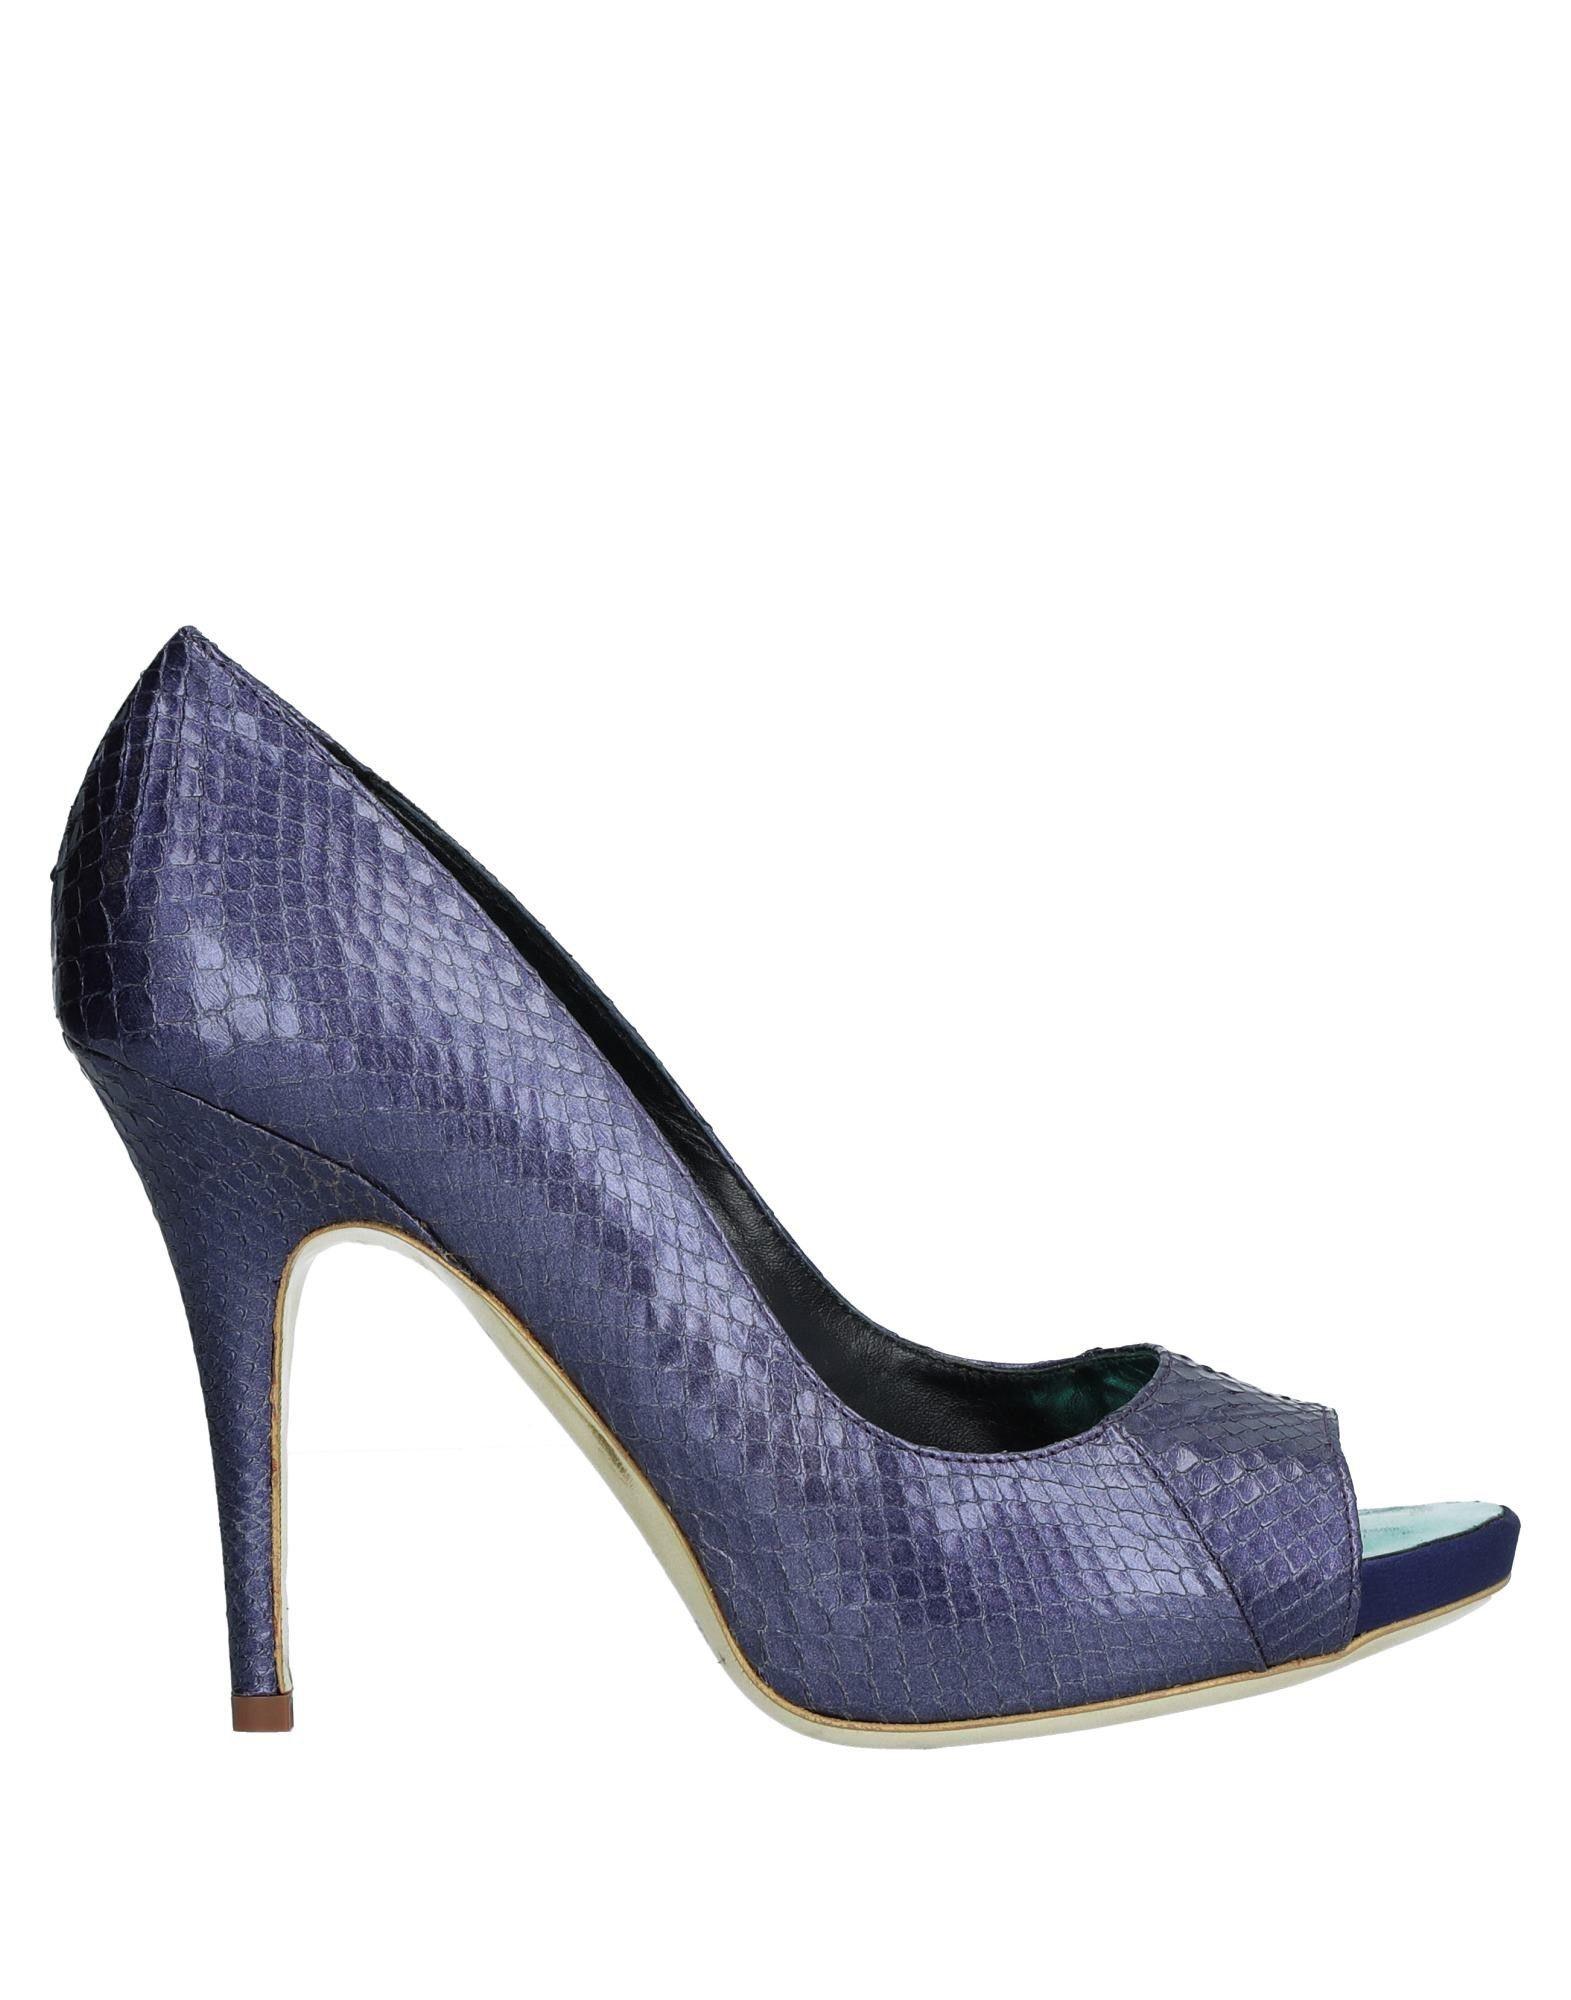 Rabatt Schuhe Gianna Meliani Luxury Pumps Damen  11524927MV